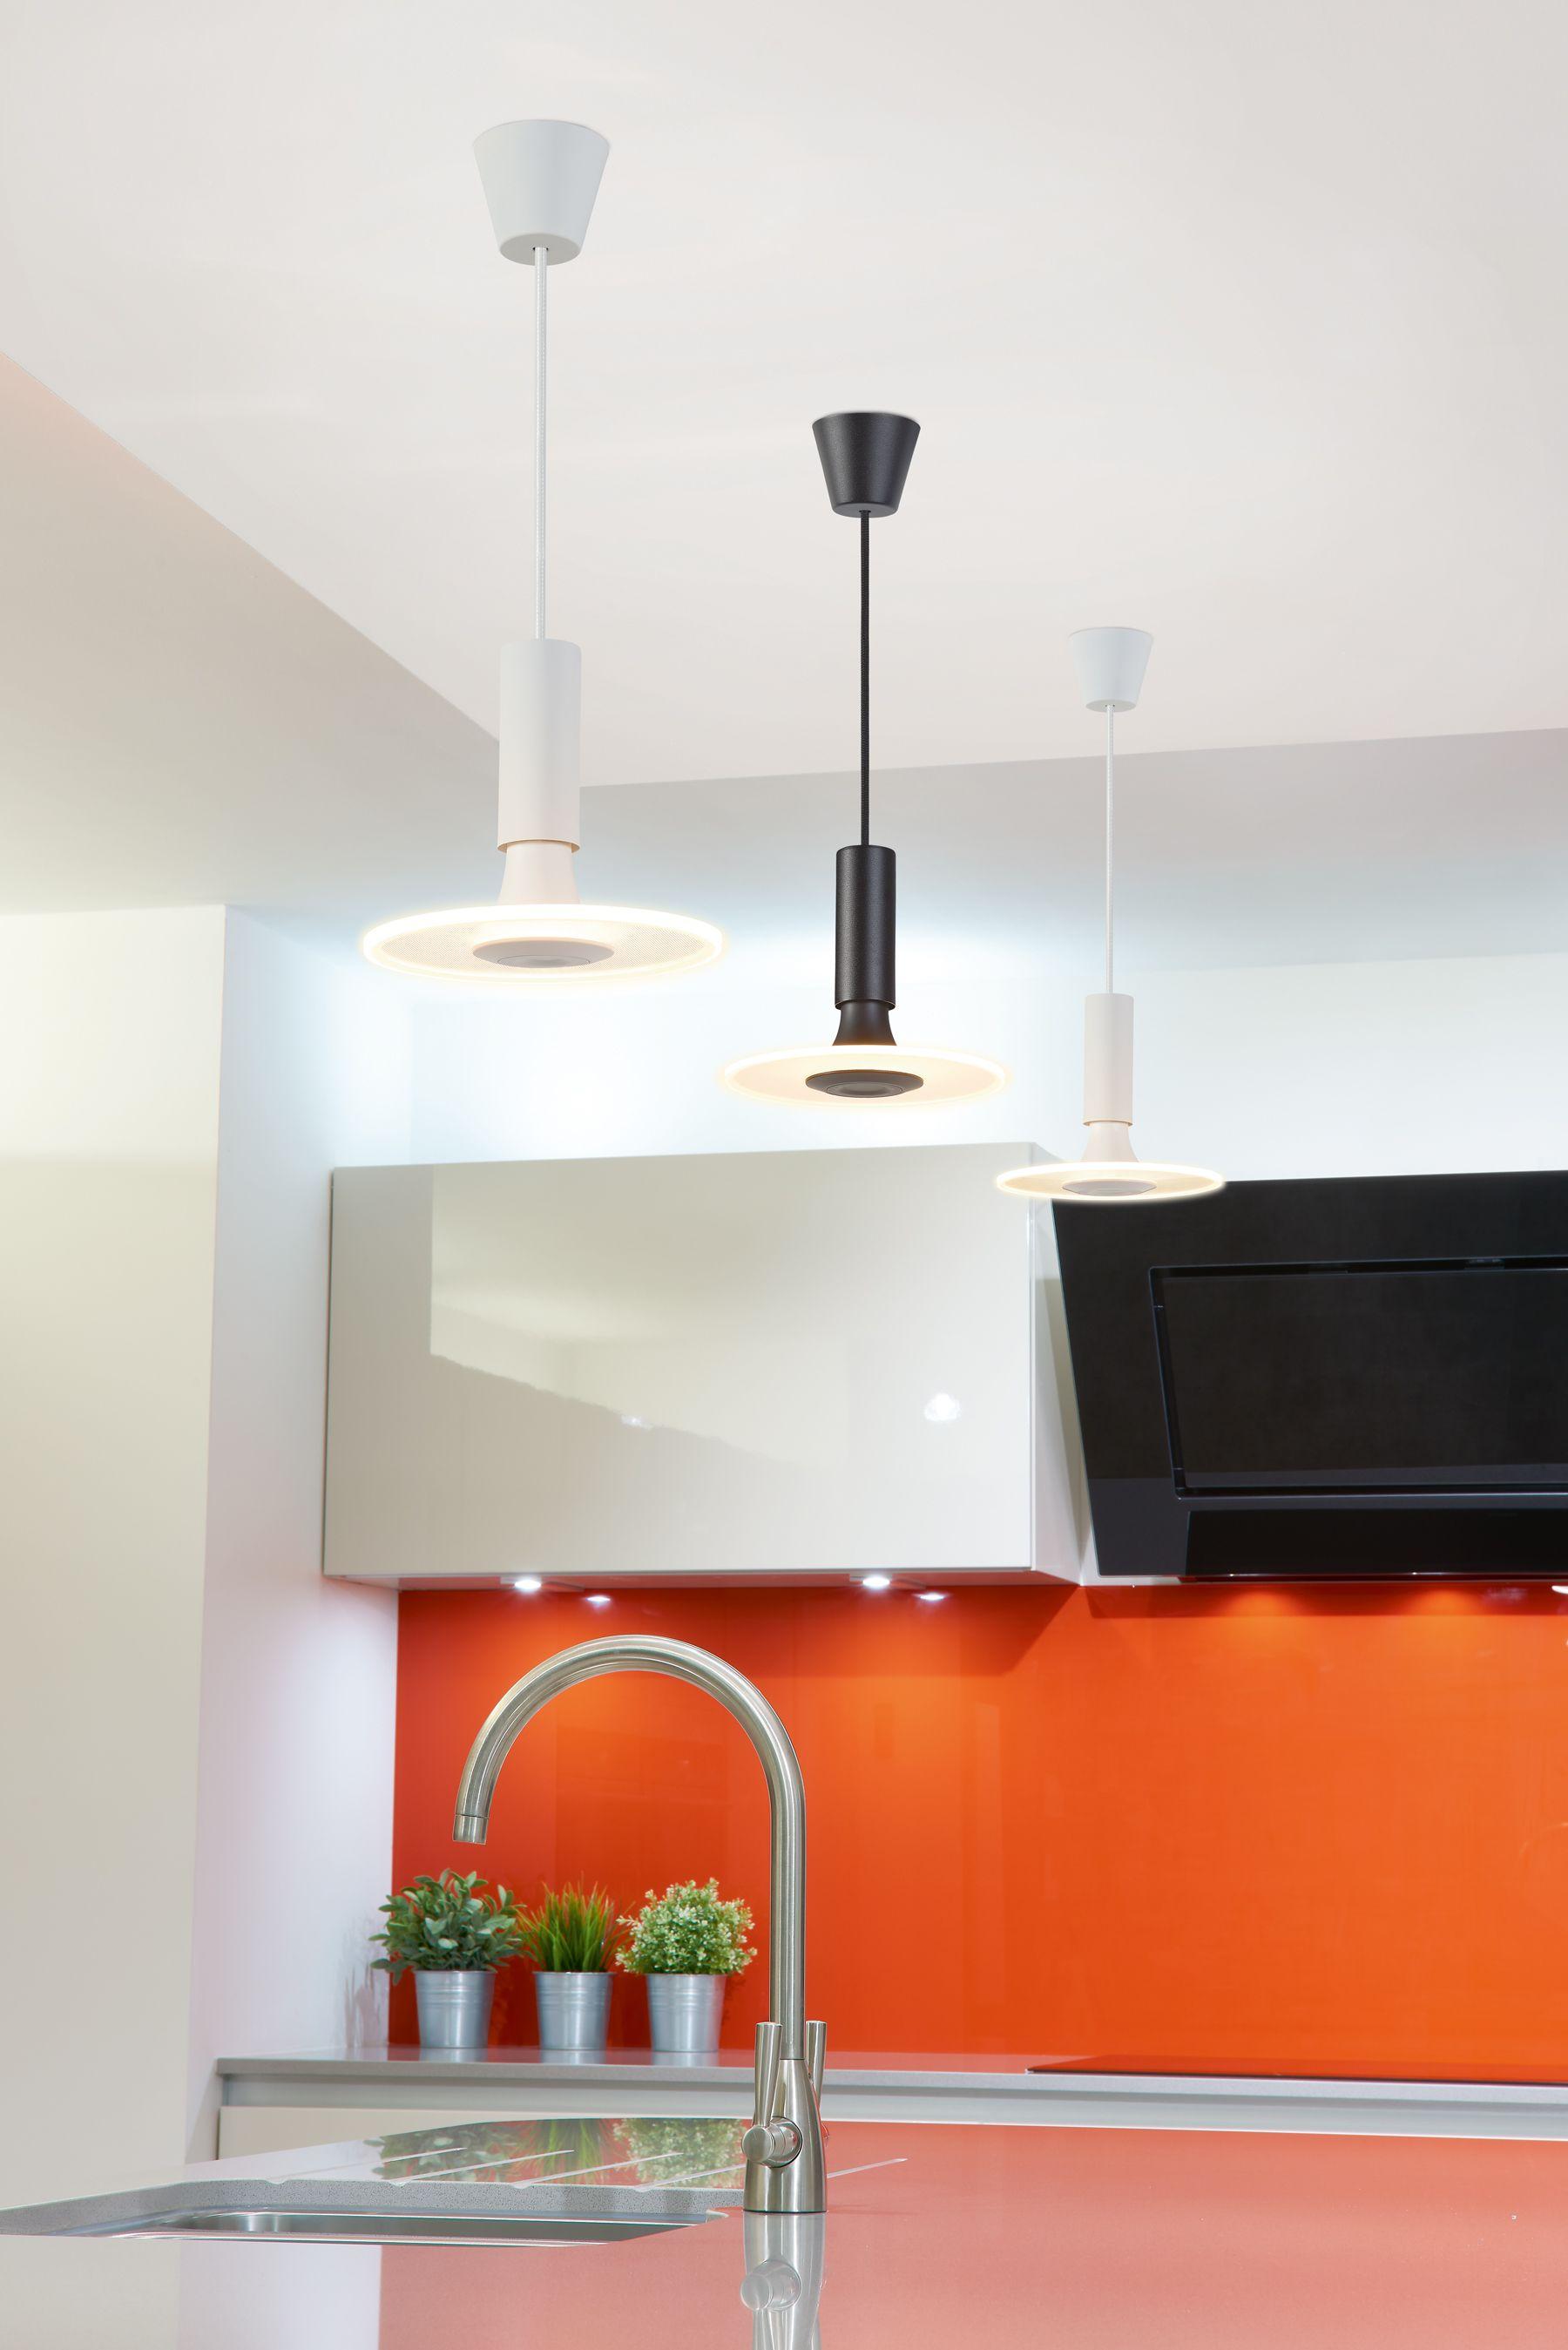 Cuisine Avec À Toledo Lampe Design La Et Une Élégance Grâce Éclairée 0k8nwPNXO